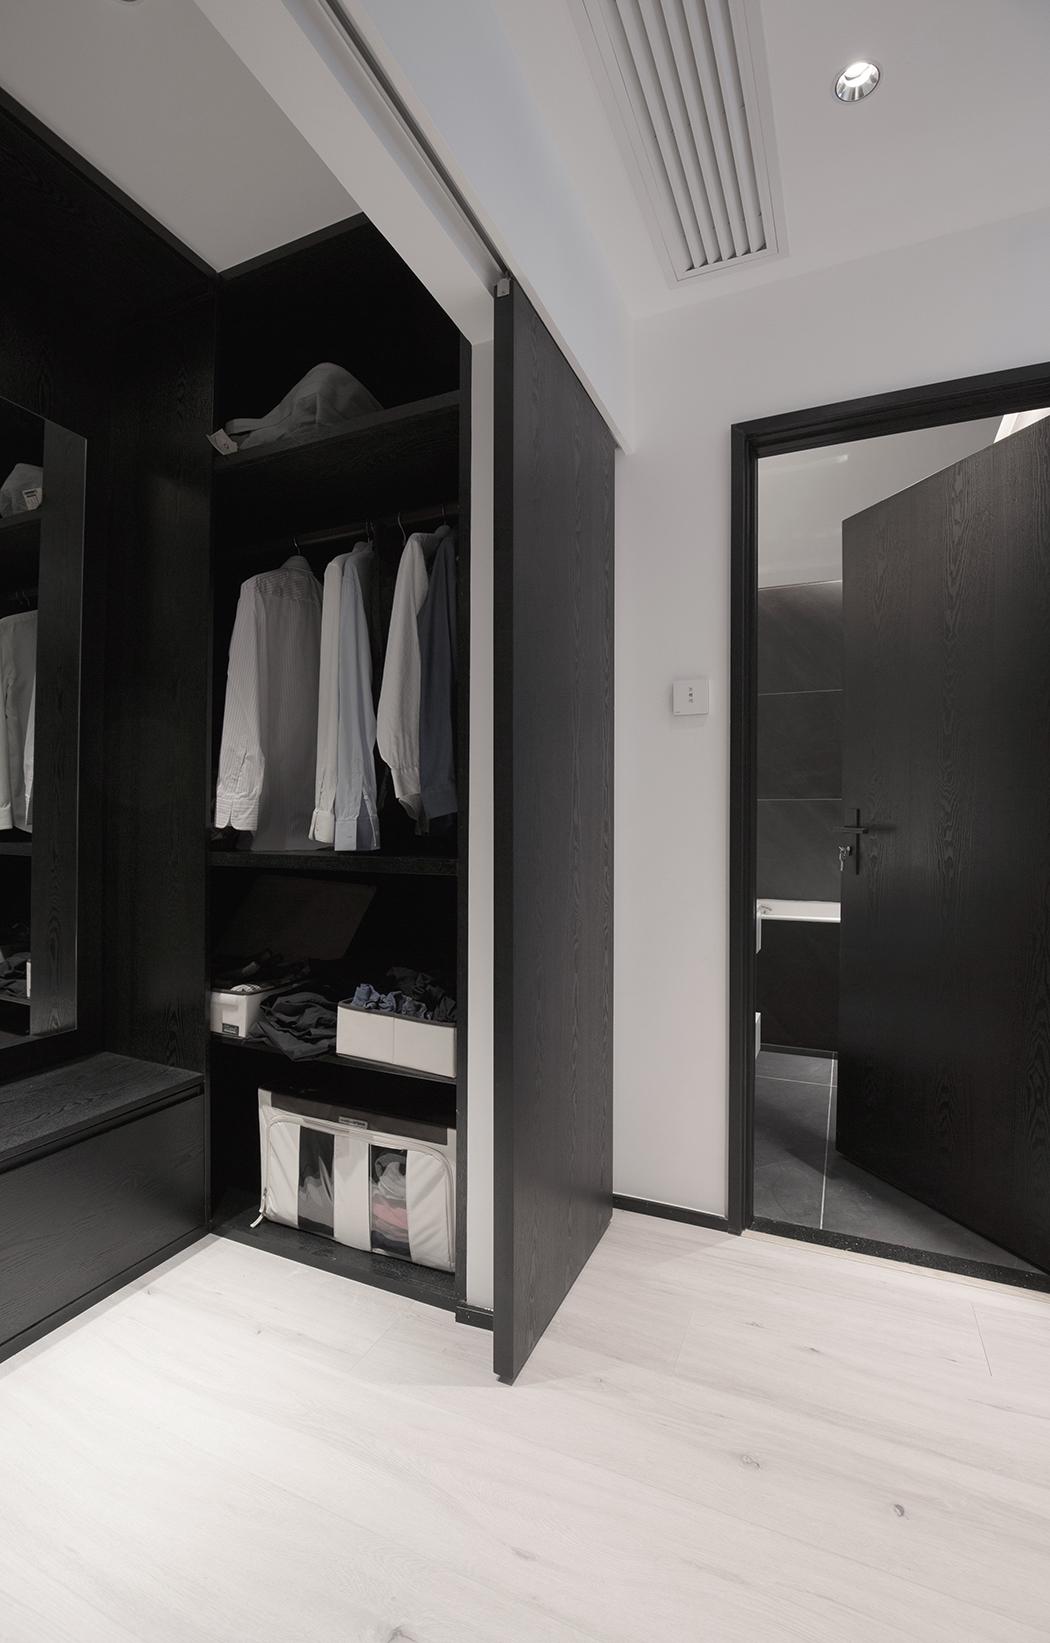 黑白灰现代简约衣帽间装修效果图